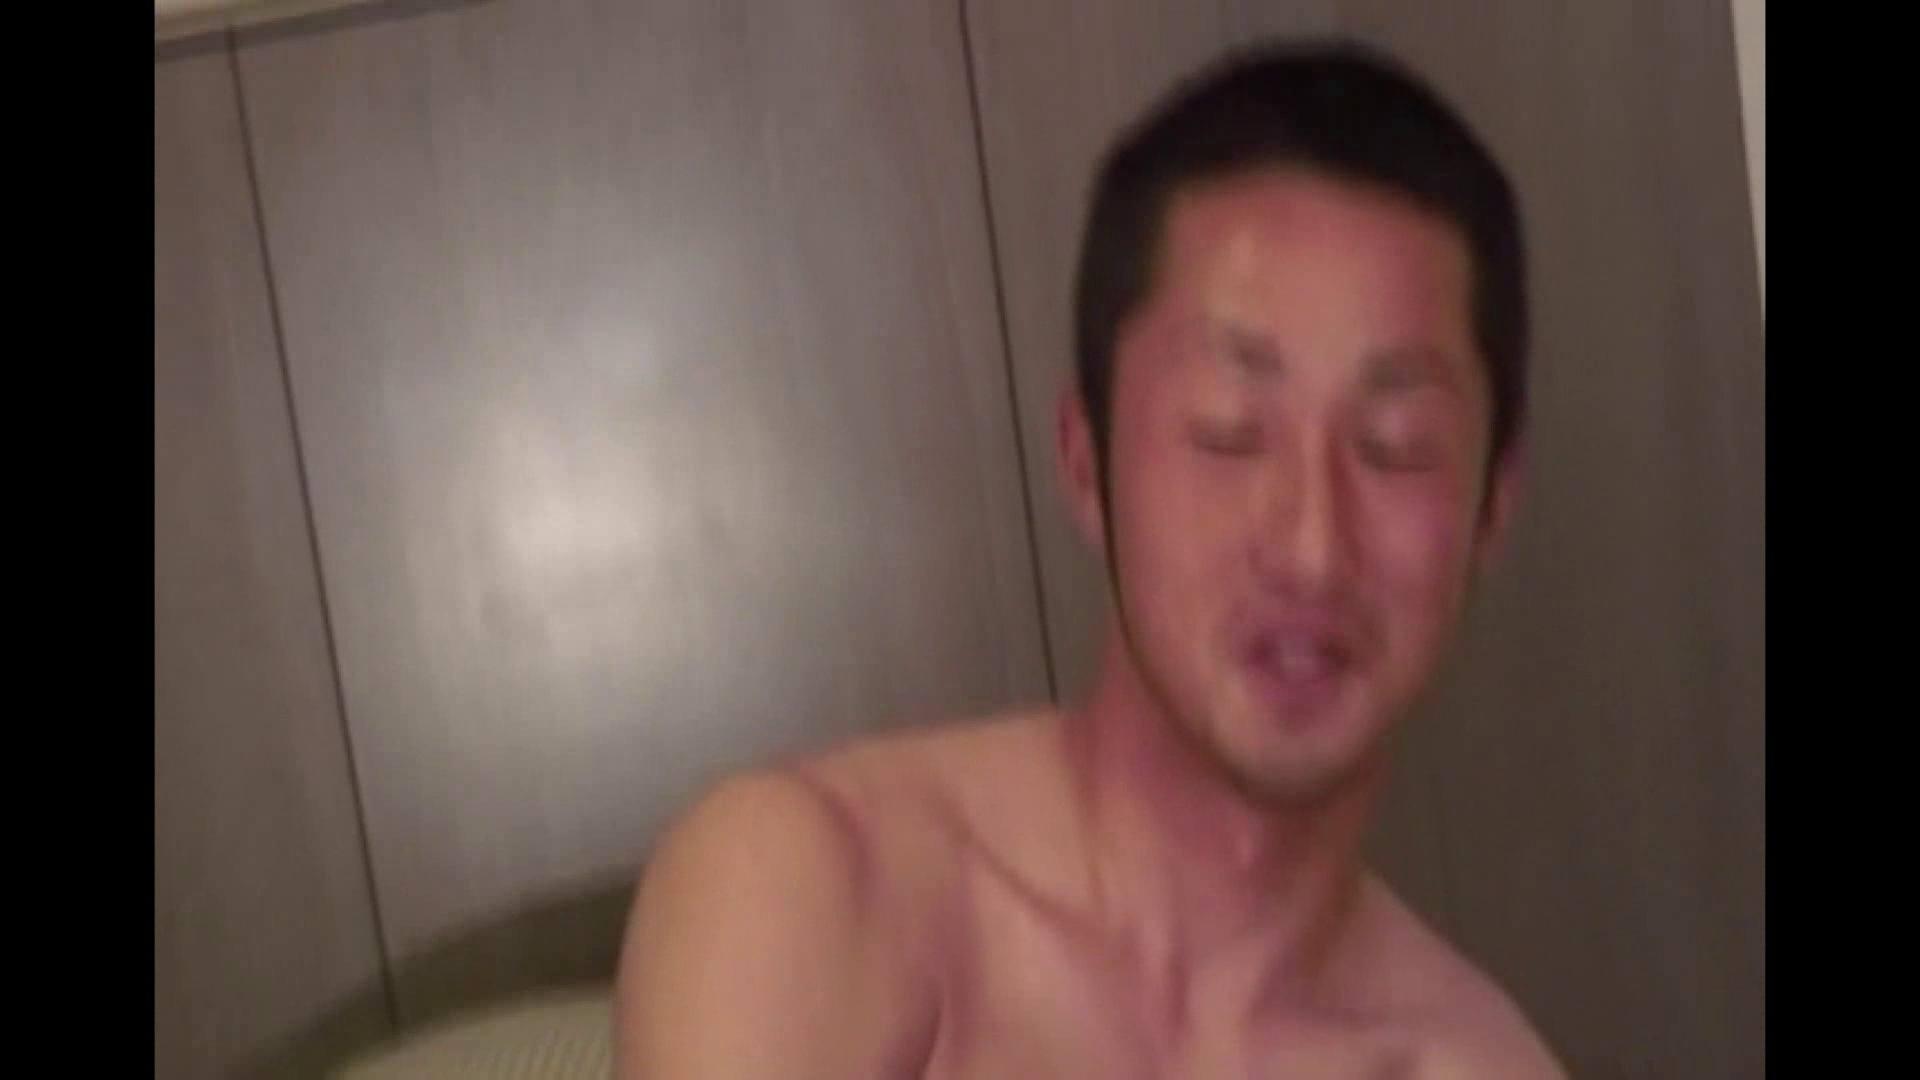 ノンケイケメンの欲望と肉棒 Vol.4 肉   ノンケボーイズ  52pic 30